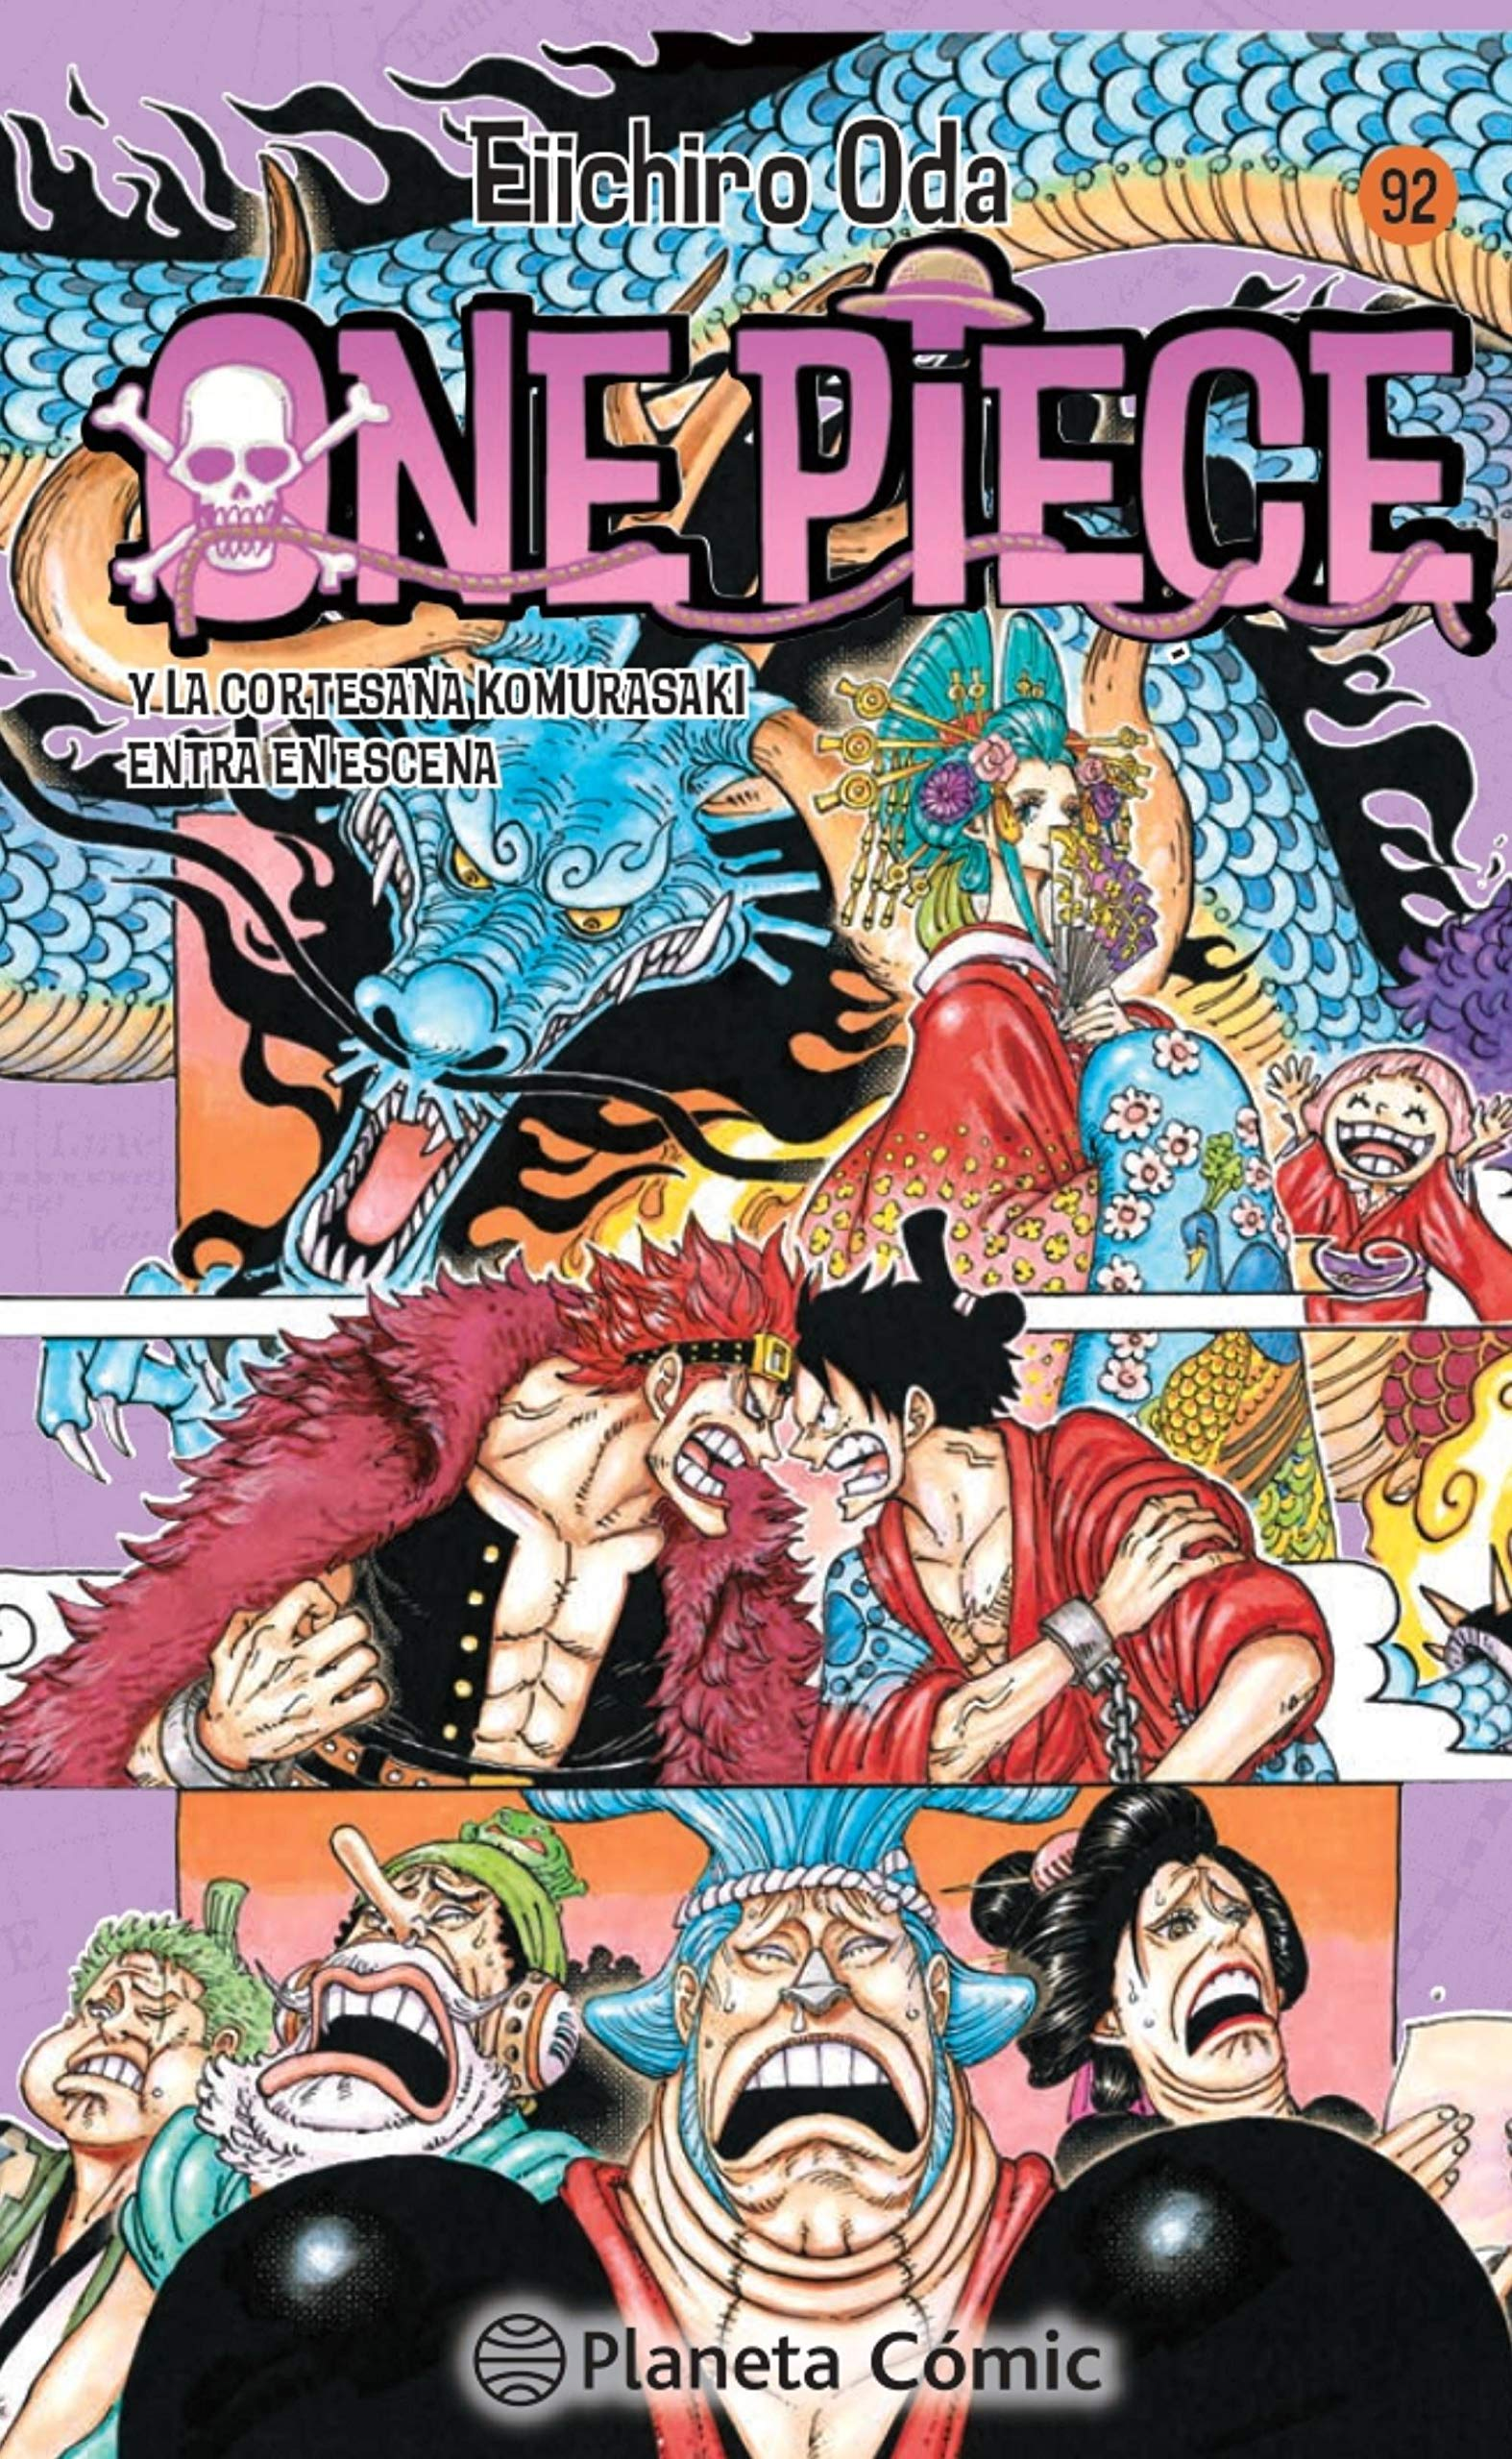 One Piece nº 92: Y la cortesana Komurasaki entra en escena Manga Shonen: Amazon.es: Oda, Eiichiro, Daruma: Libros